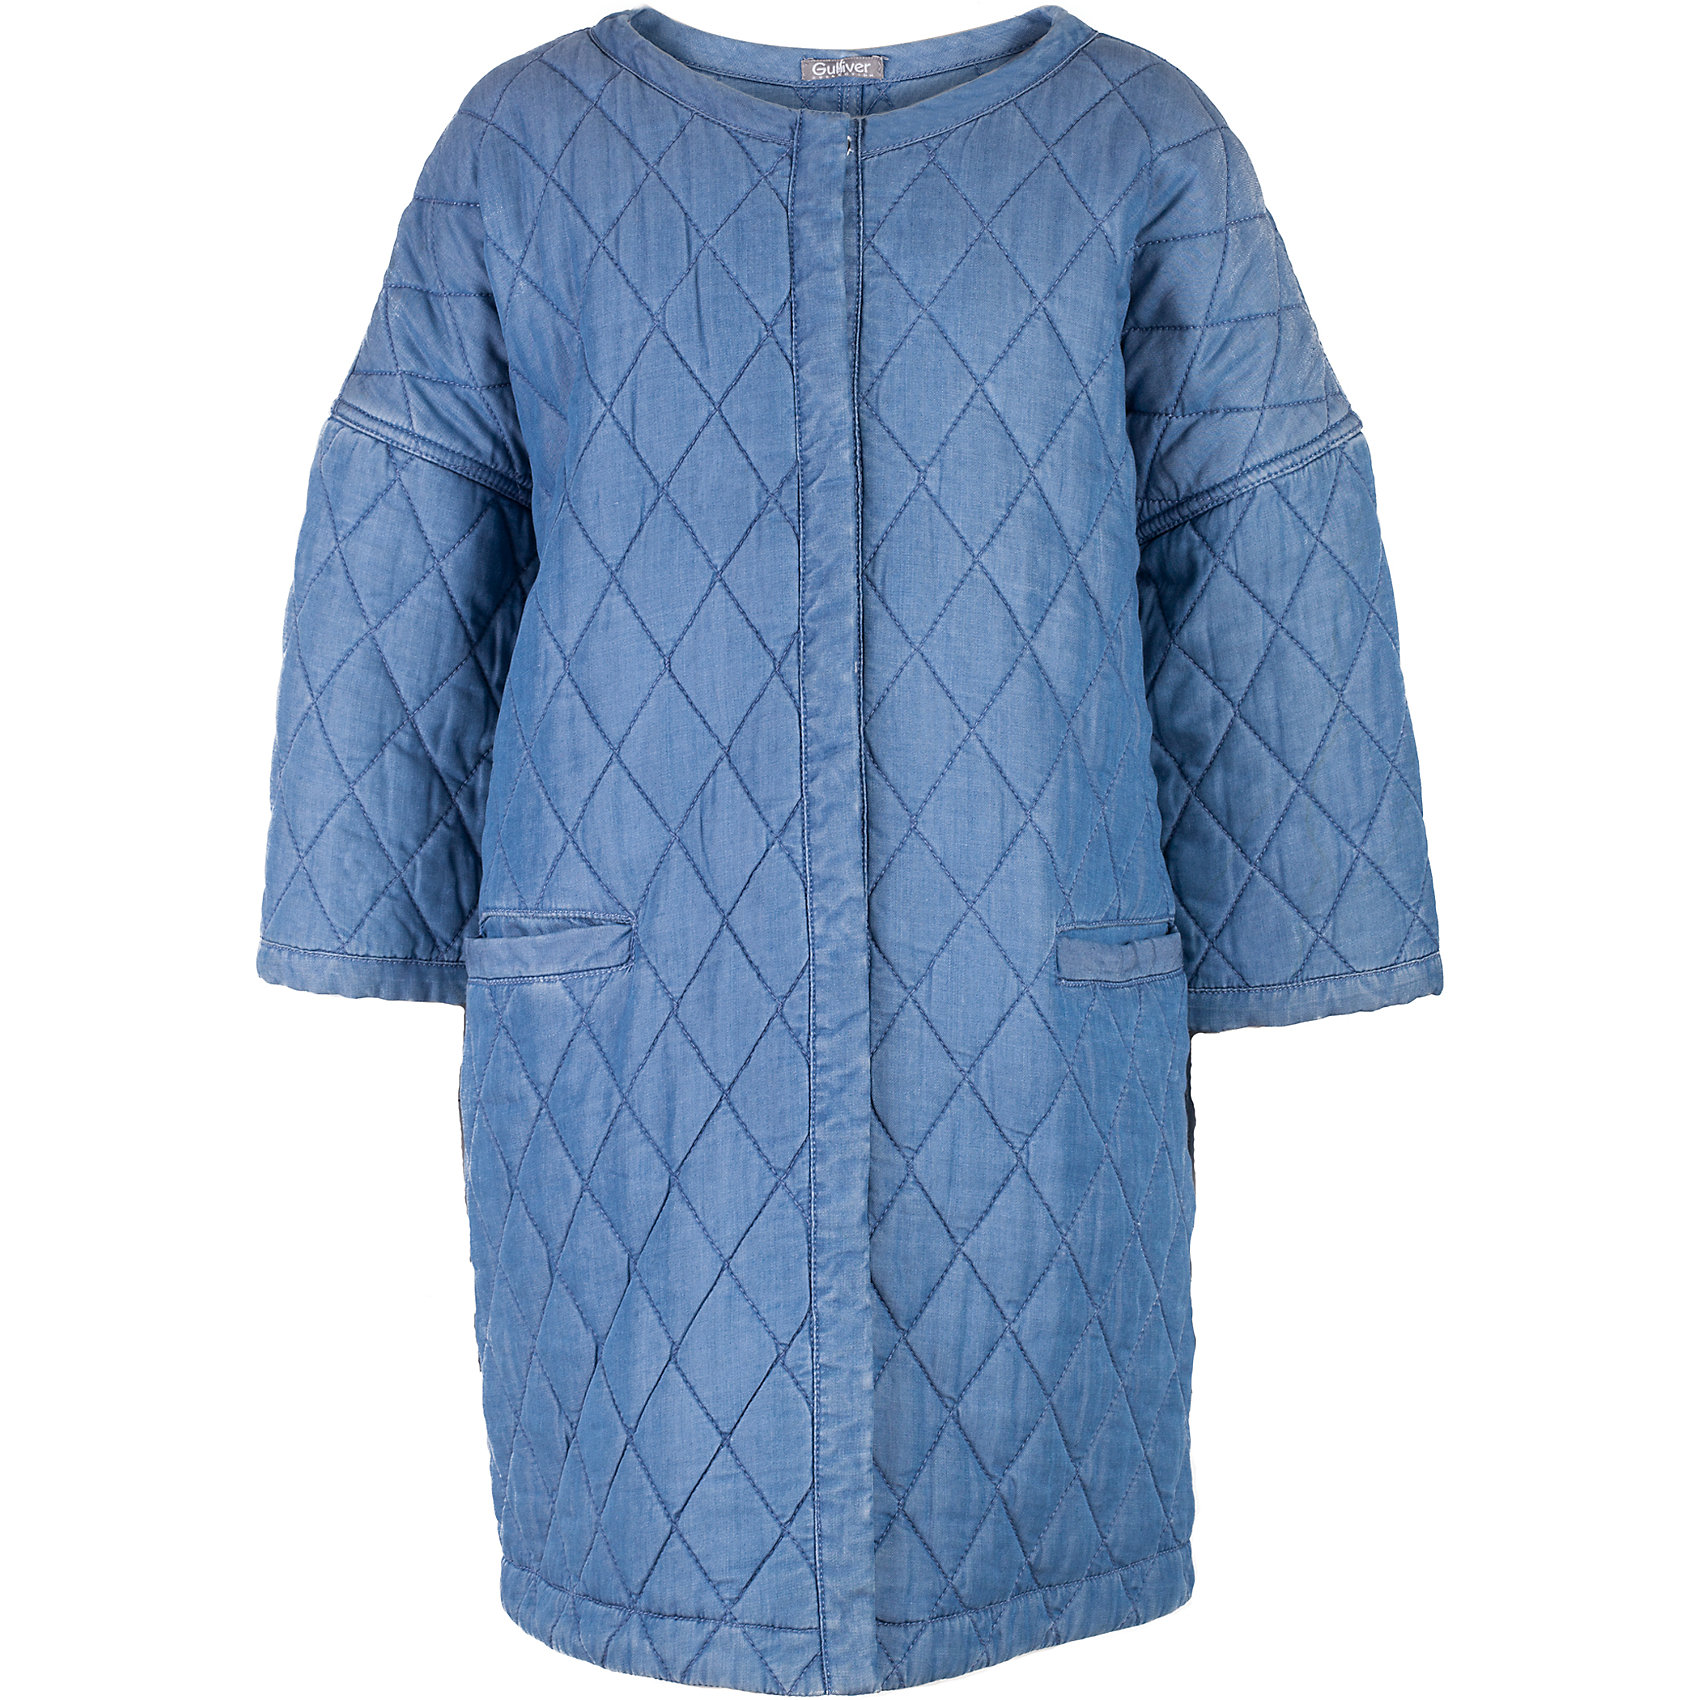 Пальто для девочки GulliverВерхняя одежда<br>Прошли времена, когда детское пальто выполняло исключительно функциональную роль. Сейчас изделию недостаточно быть только удобным и теплым. Пальто для девочки должно быть стильным, элегантным и отражать в полной мере характер и предпочтения своей обладательницы! Именно такое, стеганое пальто без воротника может понравиться юной моднице. Конечно, не в дождь, но в прохладный весенний день или летний вечер, пальто из джинсы сделает вашего ребенка самой модной и привлекательной! Если вы предпочитаете сформировать весенний гардероб из современных интересных вещей, вам стоит купить детское джинсовое пальто для девочки из коллекции Коста-Рика! В этом пальто вашему ребенку гарантирован прекрасный внешний вид, соответствие модным трендам, а также тепло, комфорт и свобода движений.<br>Состав:<br>верх:  100% лиоцелл; подкладка: 100% лиоцелл; утеплитель:  100% полиэстер<br><br>Ширина мм: 356<br>Глубина мм: 10<br>Высота мм: 245<br>Вес г: 519<br>Цвет: синий<br>Возраст от месяцев: 132<br>Возраст до месяцев: 144<br>Пол: Женский<br>Возраст: Детский<br>Размер: 158,164,152,146<br>SKU: 5483150